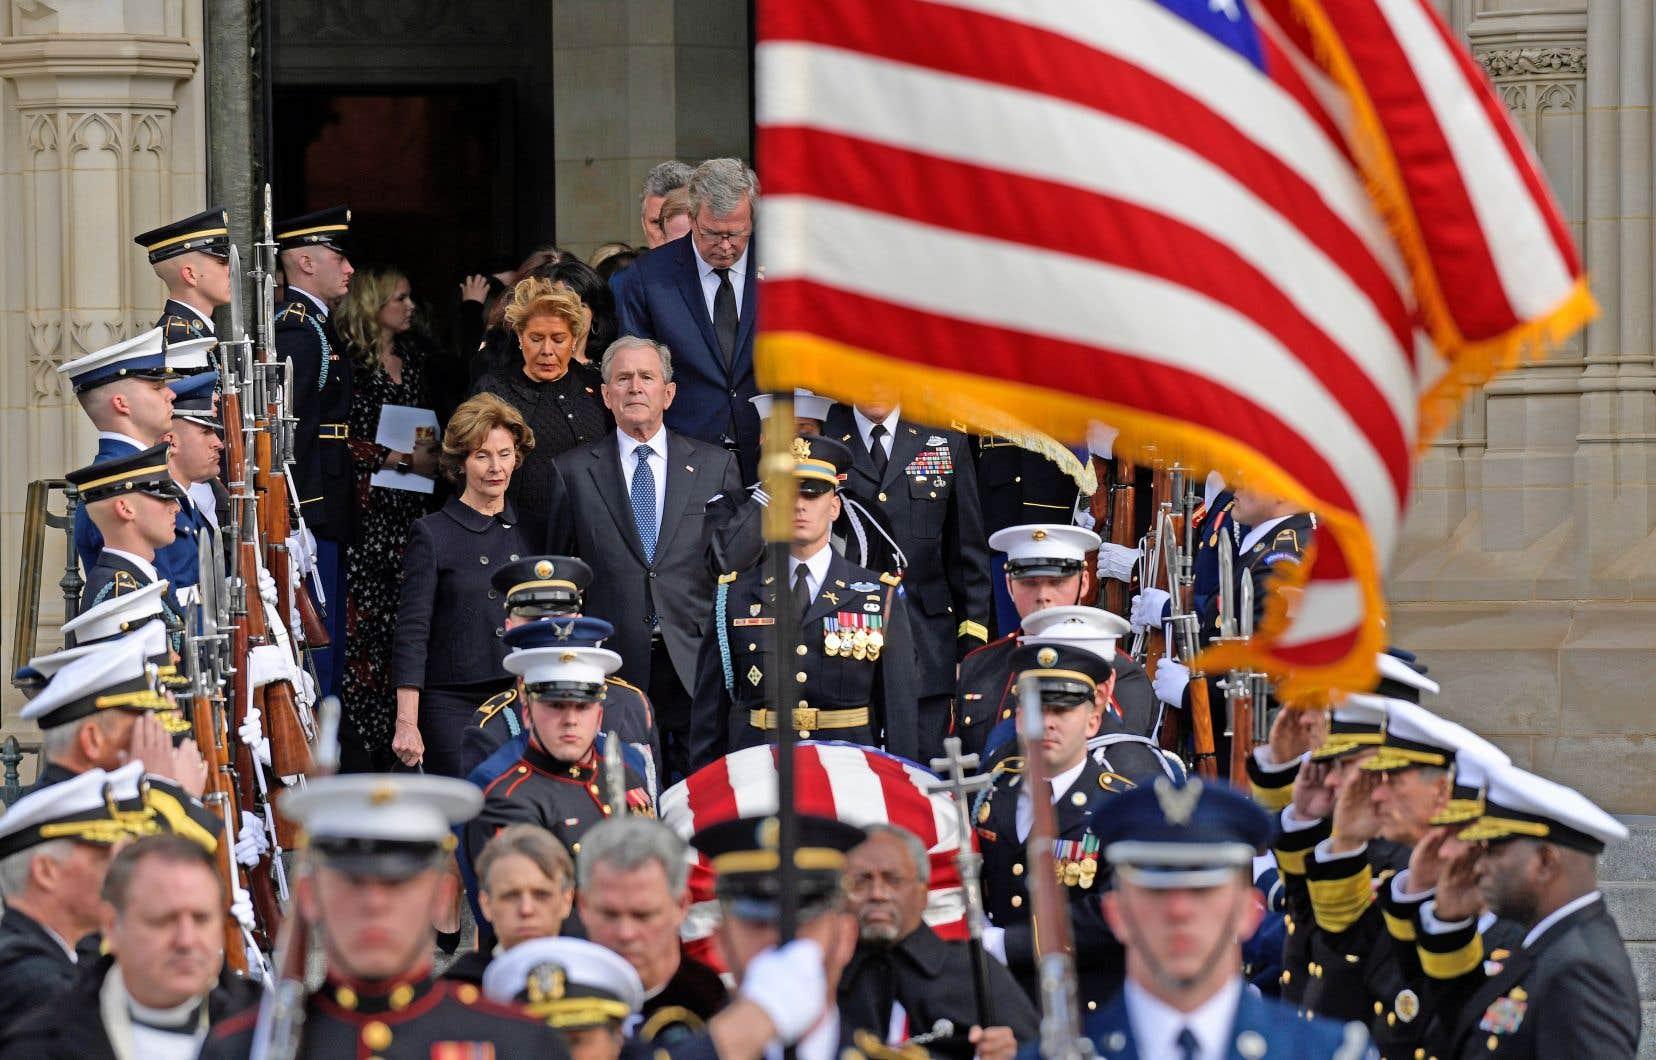 George W. Bush, les traits tirés, a suivi le cercueil de son père à la sortie de la cathédrale nationale de Washington.